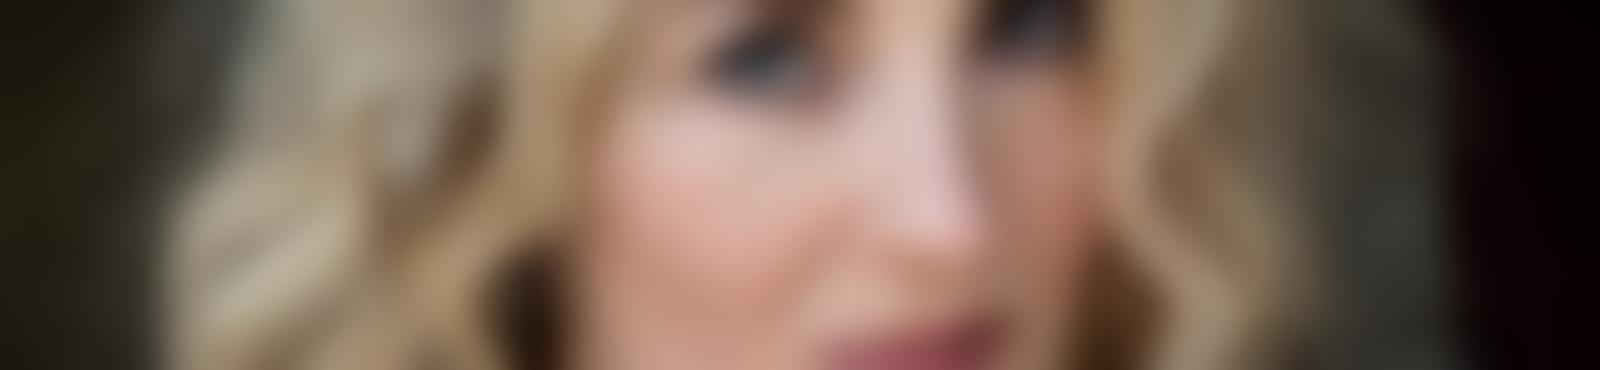 Blurred 498cfac4 b7b6 4d99 99f3 ac1676696ac5